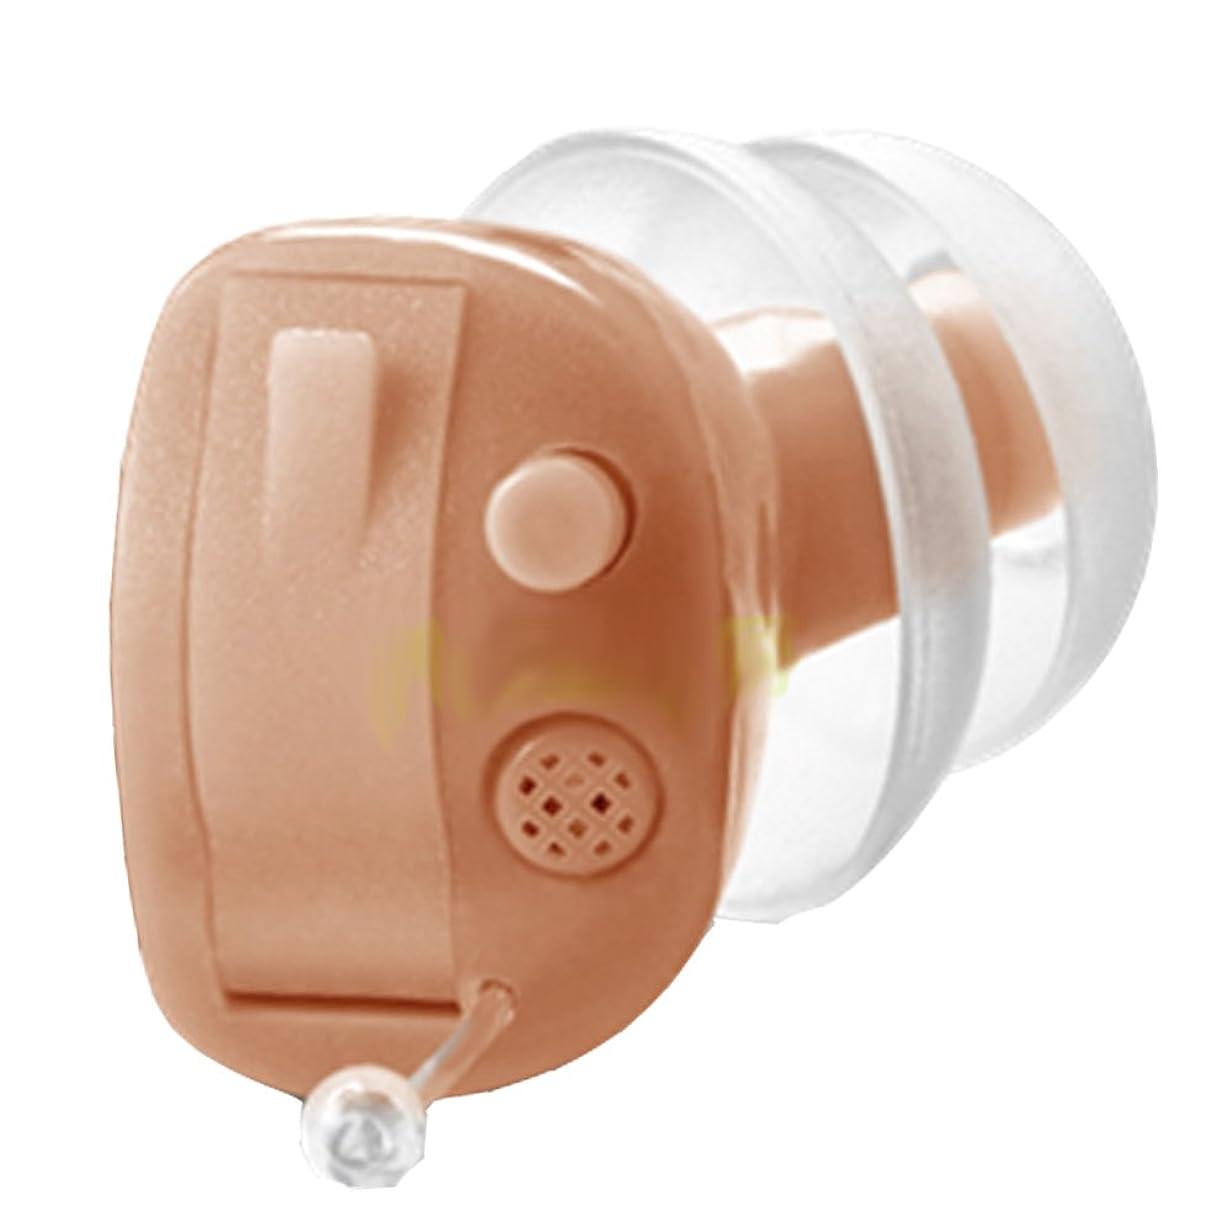 デジタル補聴器 デジミミ3 左耳用